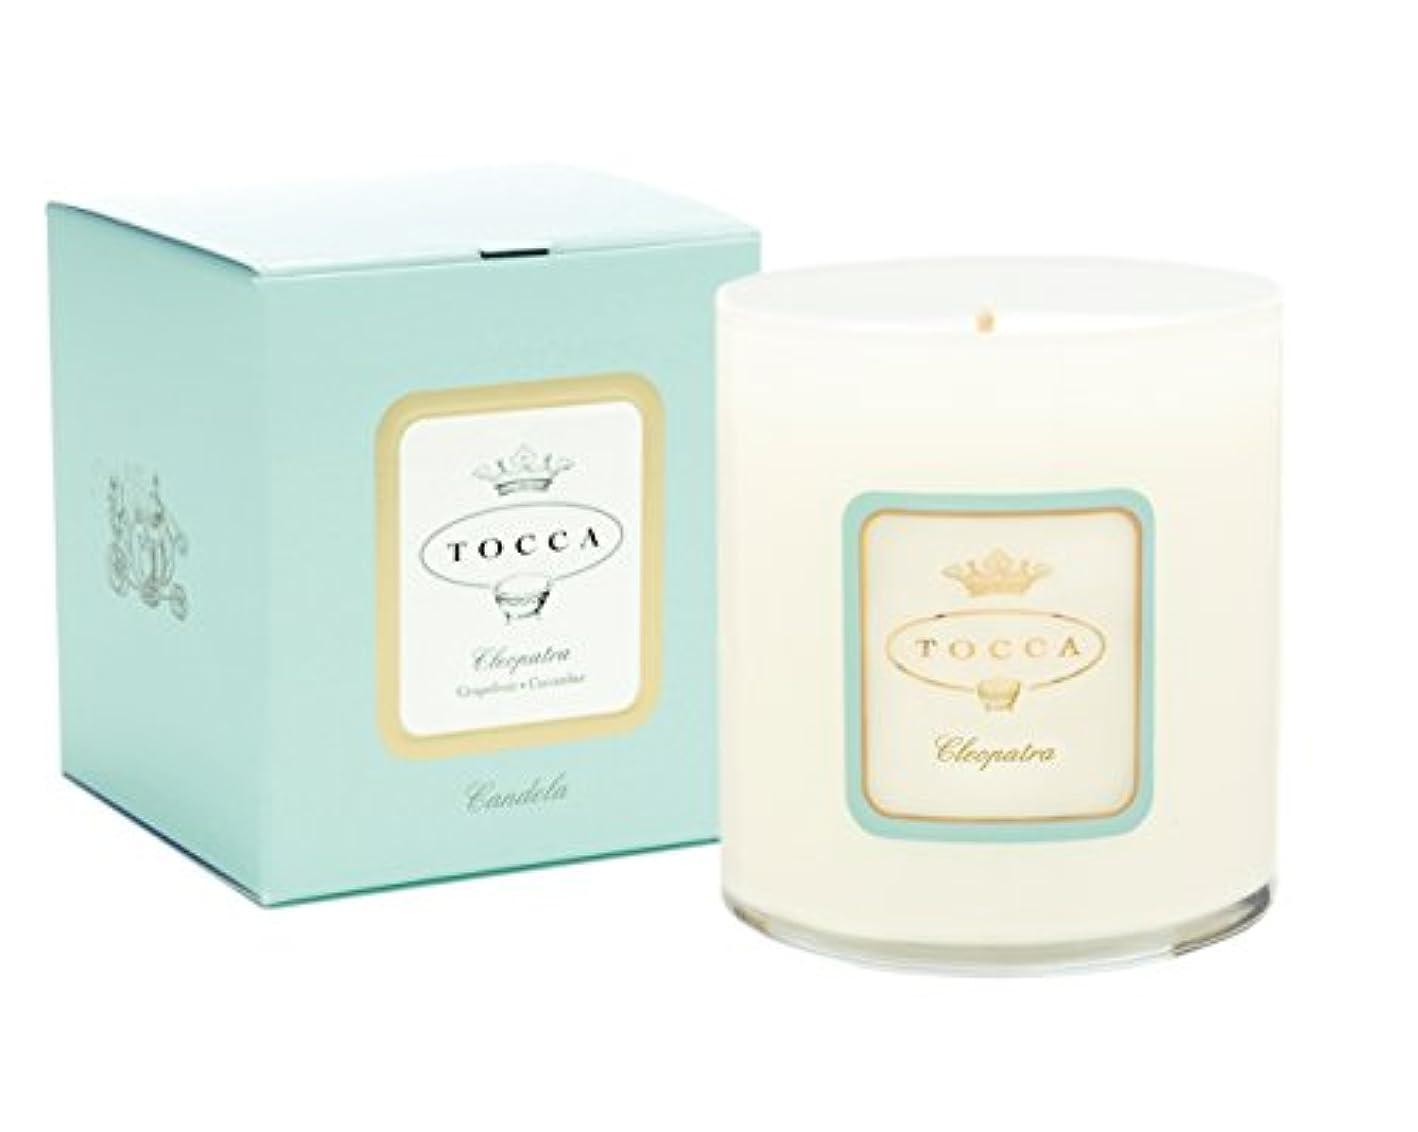 緊張する想像力豊かな貢献トッカ(TOCCA) キャンドル クレオパトラの香り 300g(ろうそく 絶世の美女を想わせるグレープフルーツとキューカンバーの絶妙なブレンド)